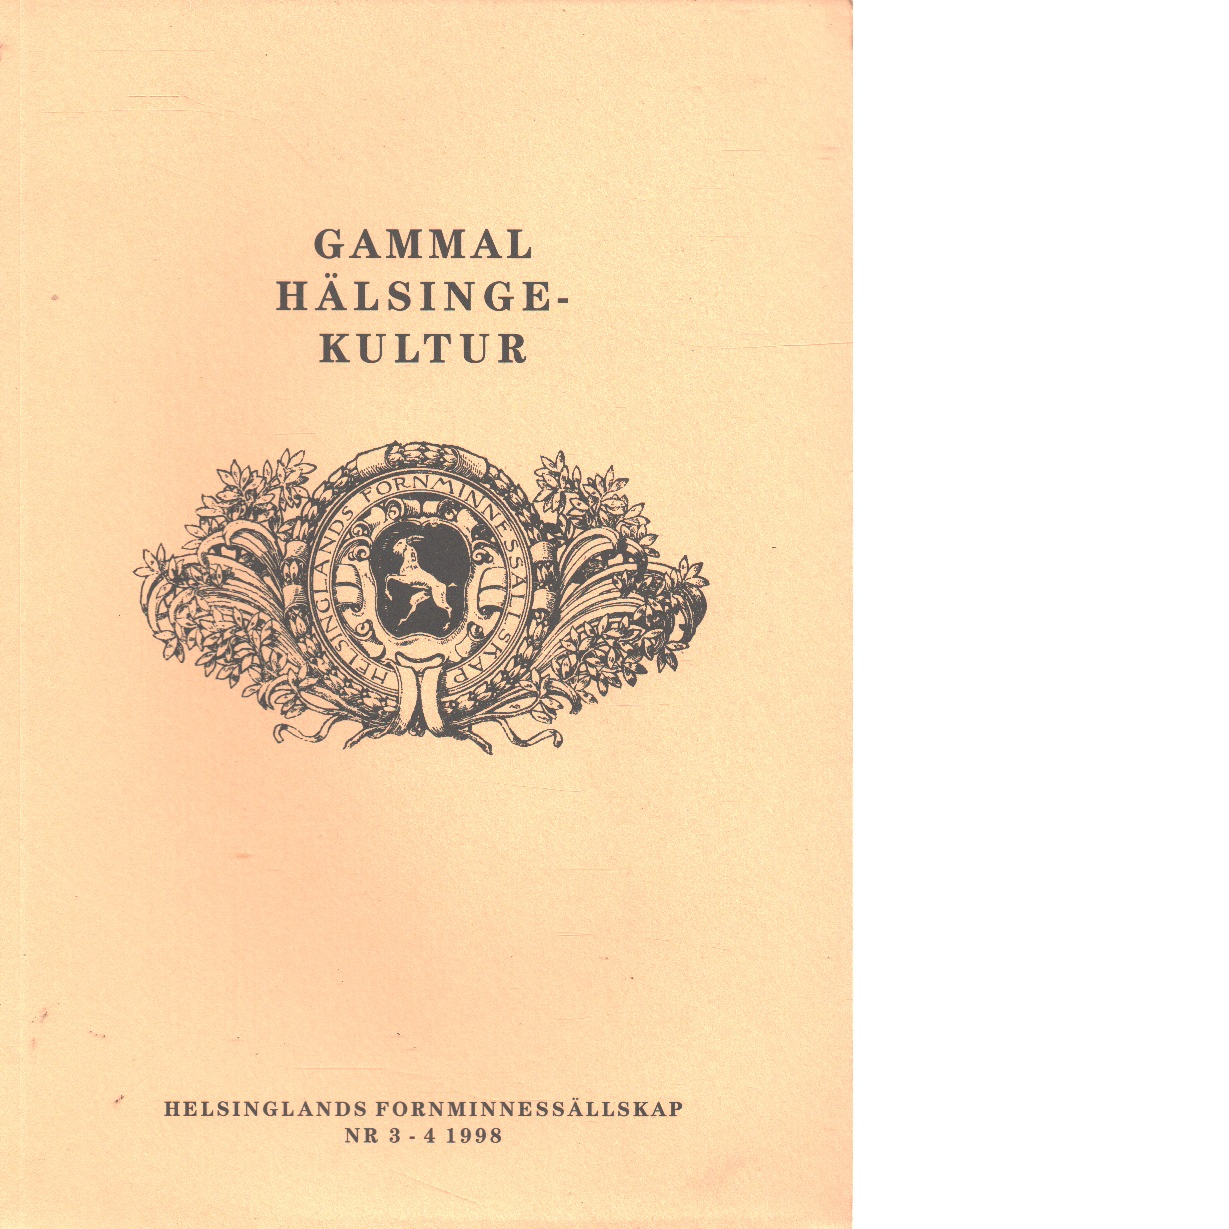 Gammal hälsingekultur : meddelanden från Hälsinglands fornminnessällskap N:r 3-41998 - Helsinglands Fornminnessällskap